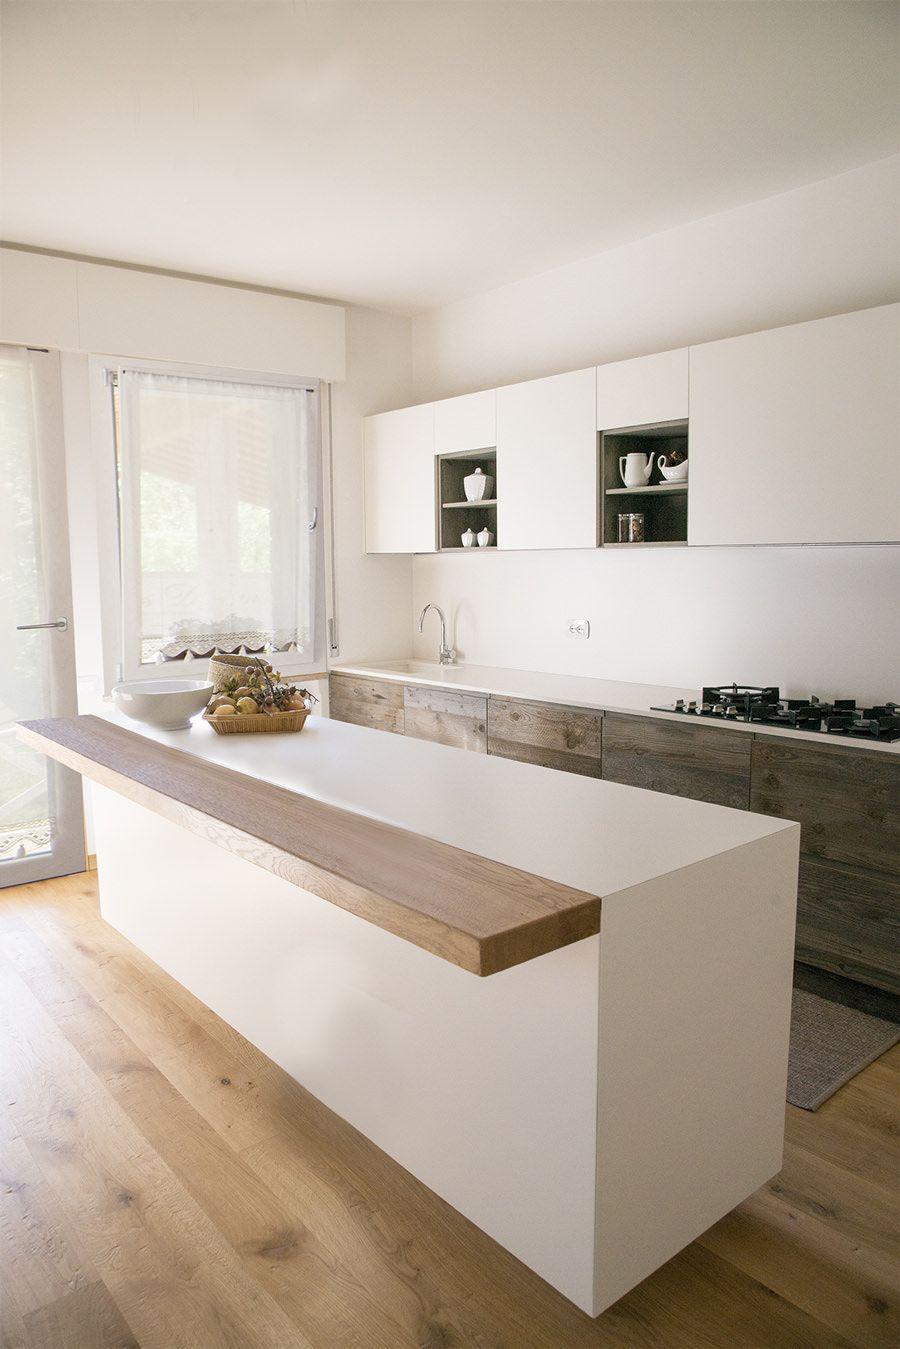 Cucina Con Isola E Piano Snack.100 Idee Cucine Con Isola Moderne E Funzionali Arredamento